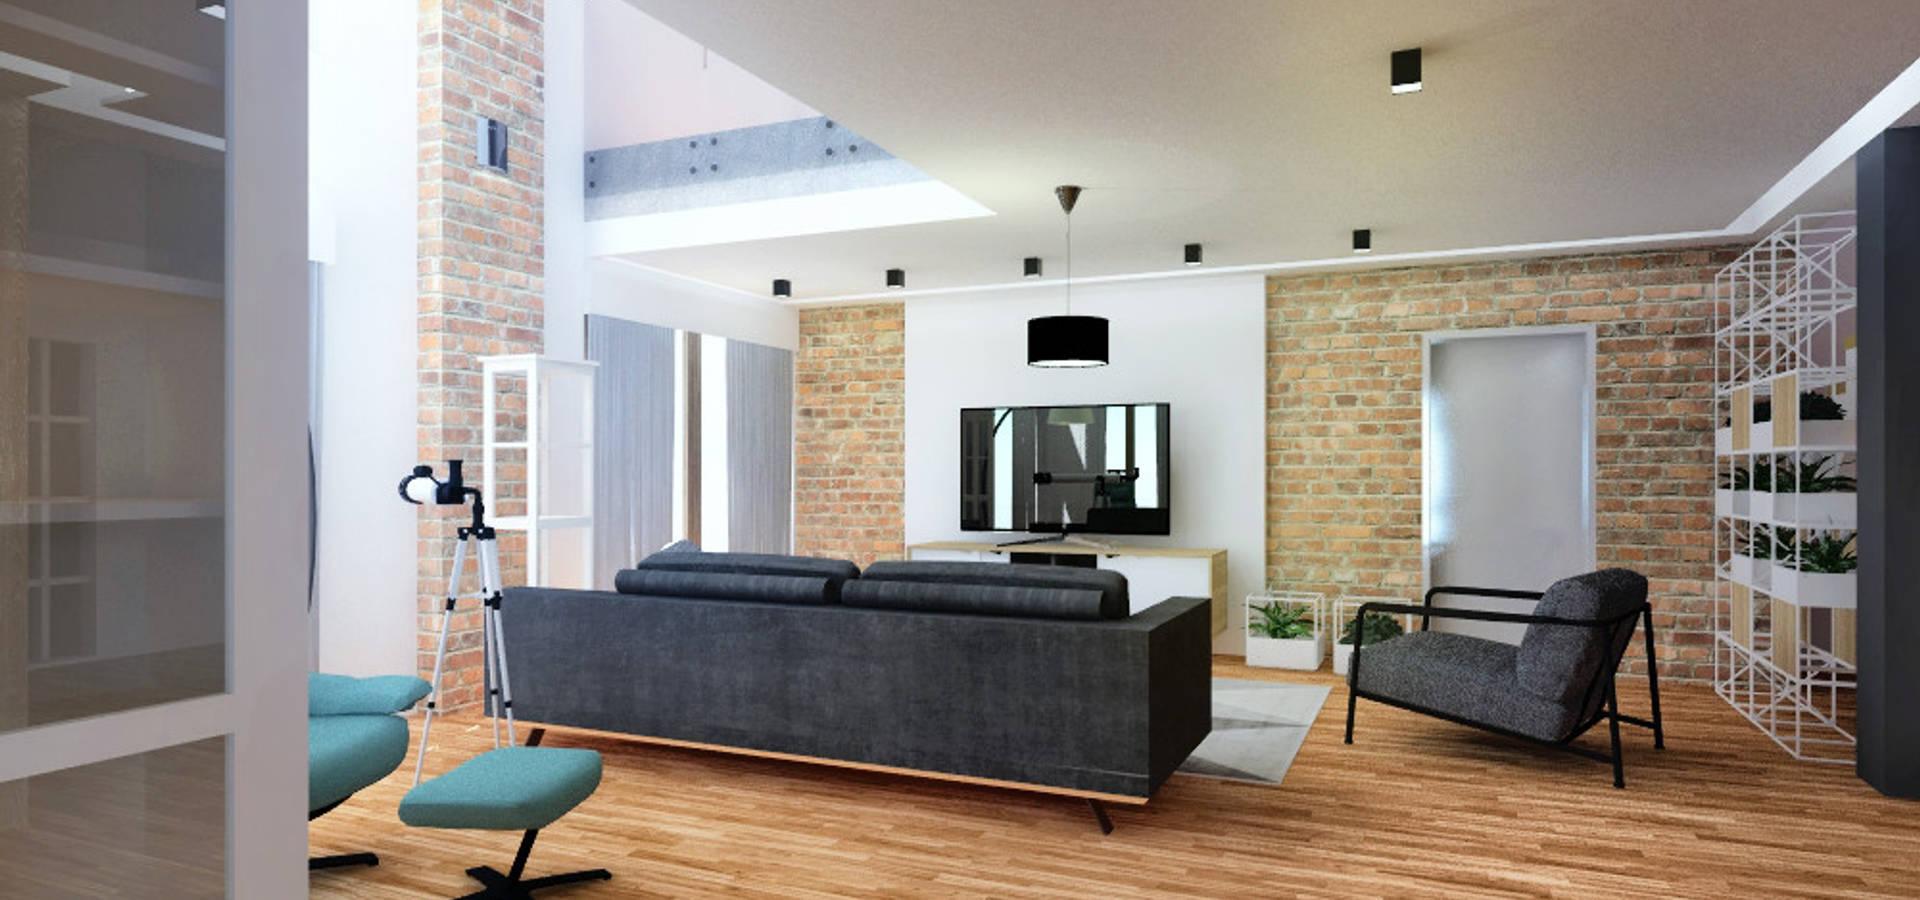 projektowanie wn trz online profesjonali ci w kategorii architekci wn trz w miejscowo ci. Black Bedroom Furniture Sets. Home Design Ideas